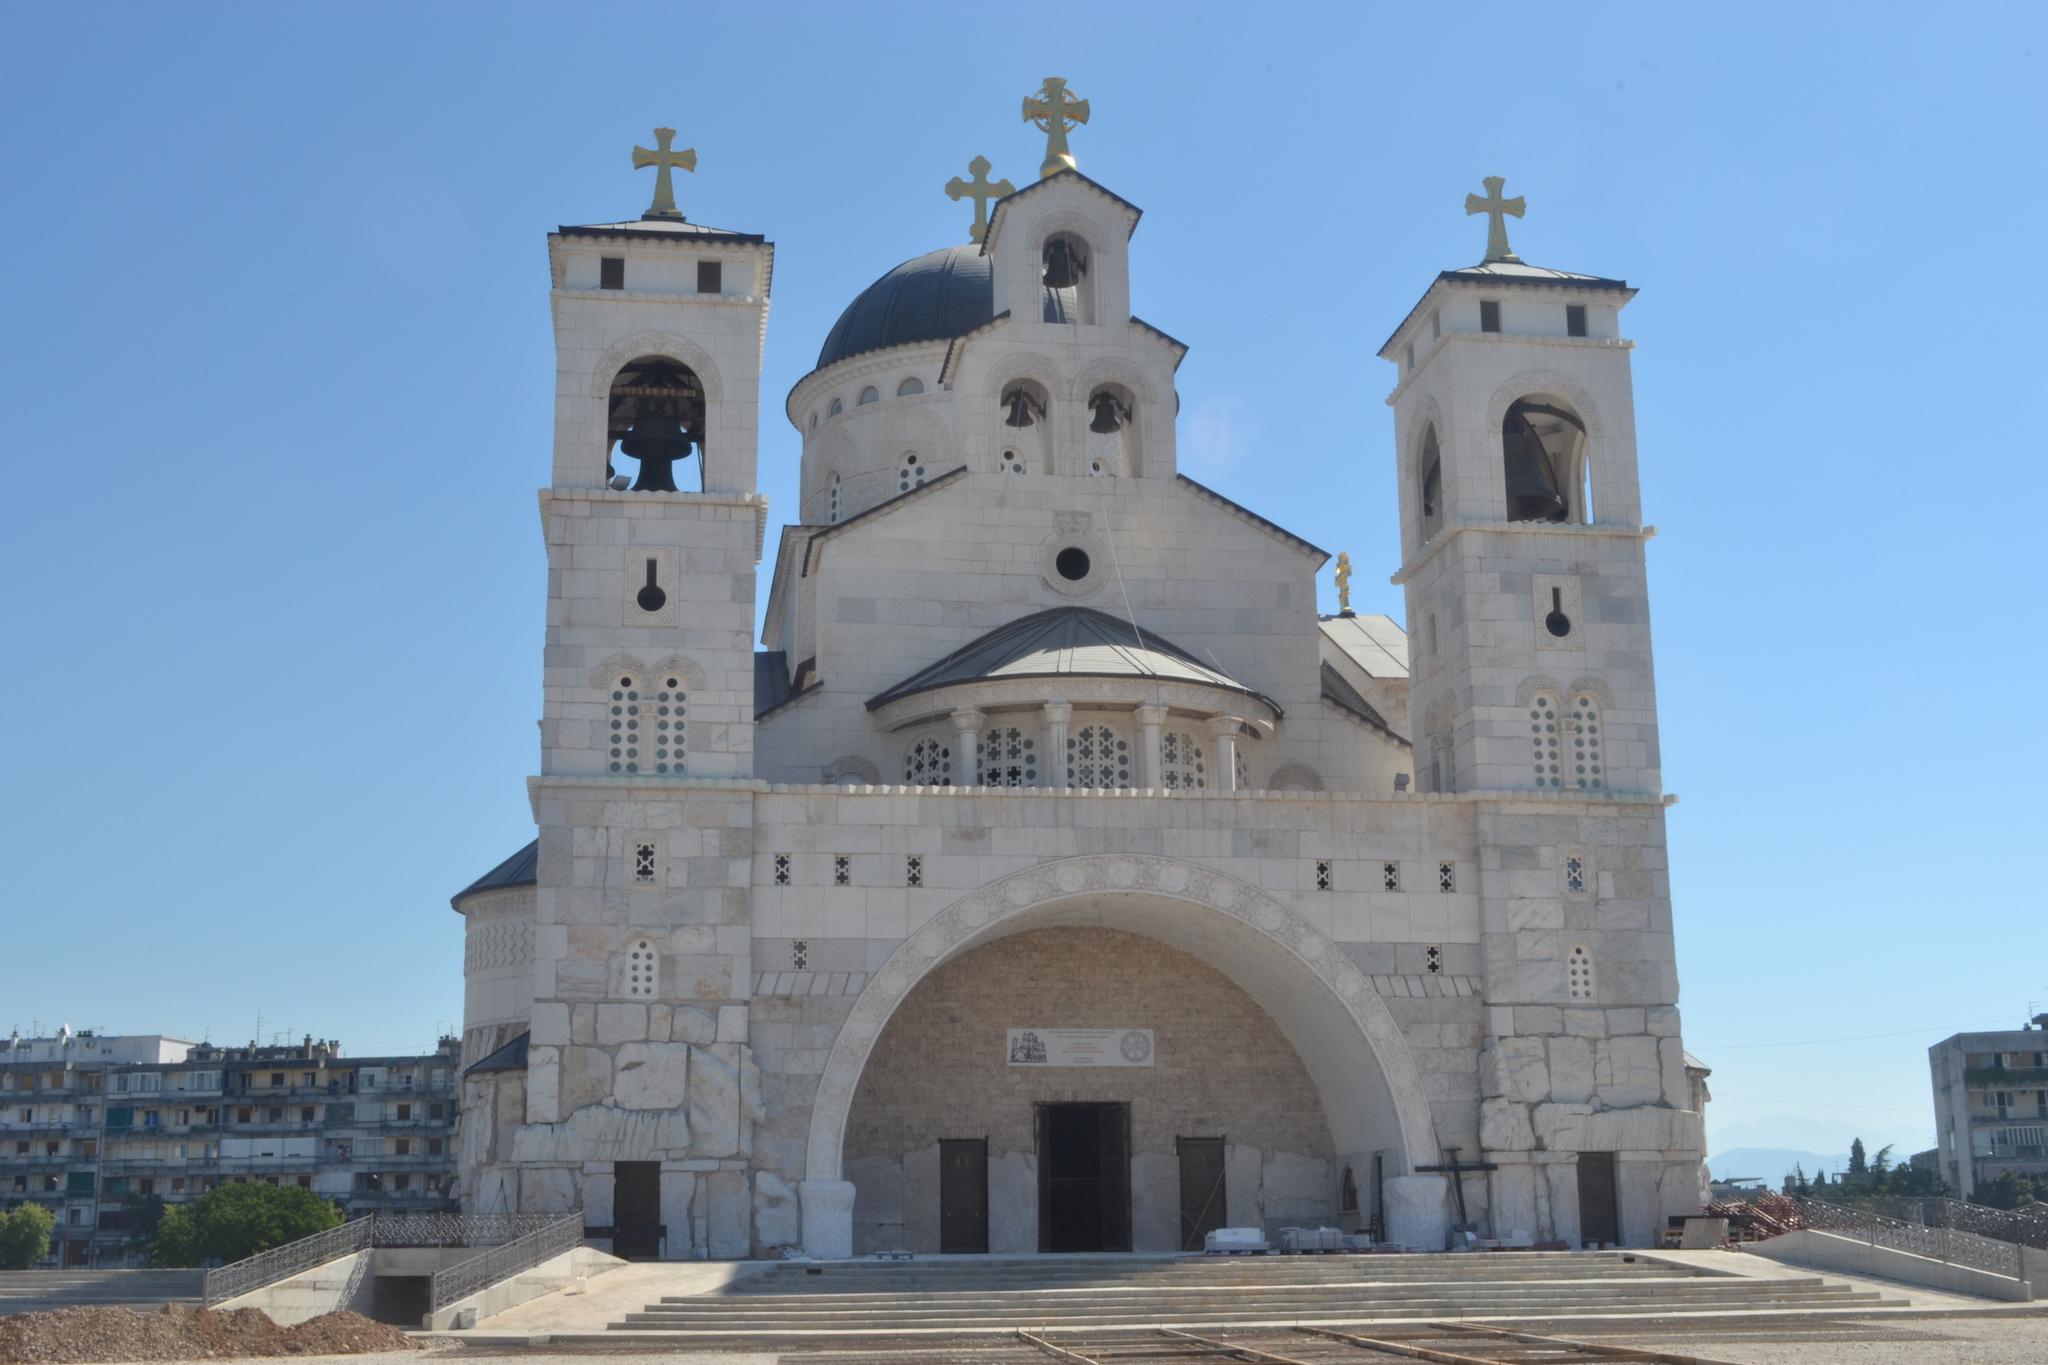 Монастырь в Подгорице. Фото: Paul Jeannin / flickr.com